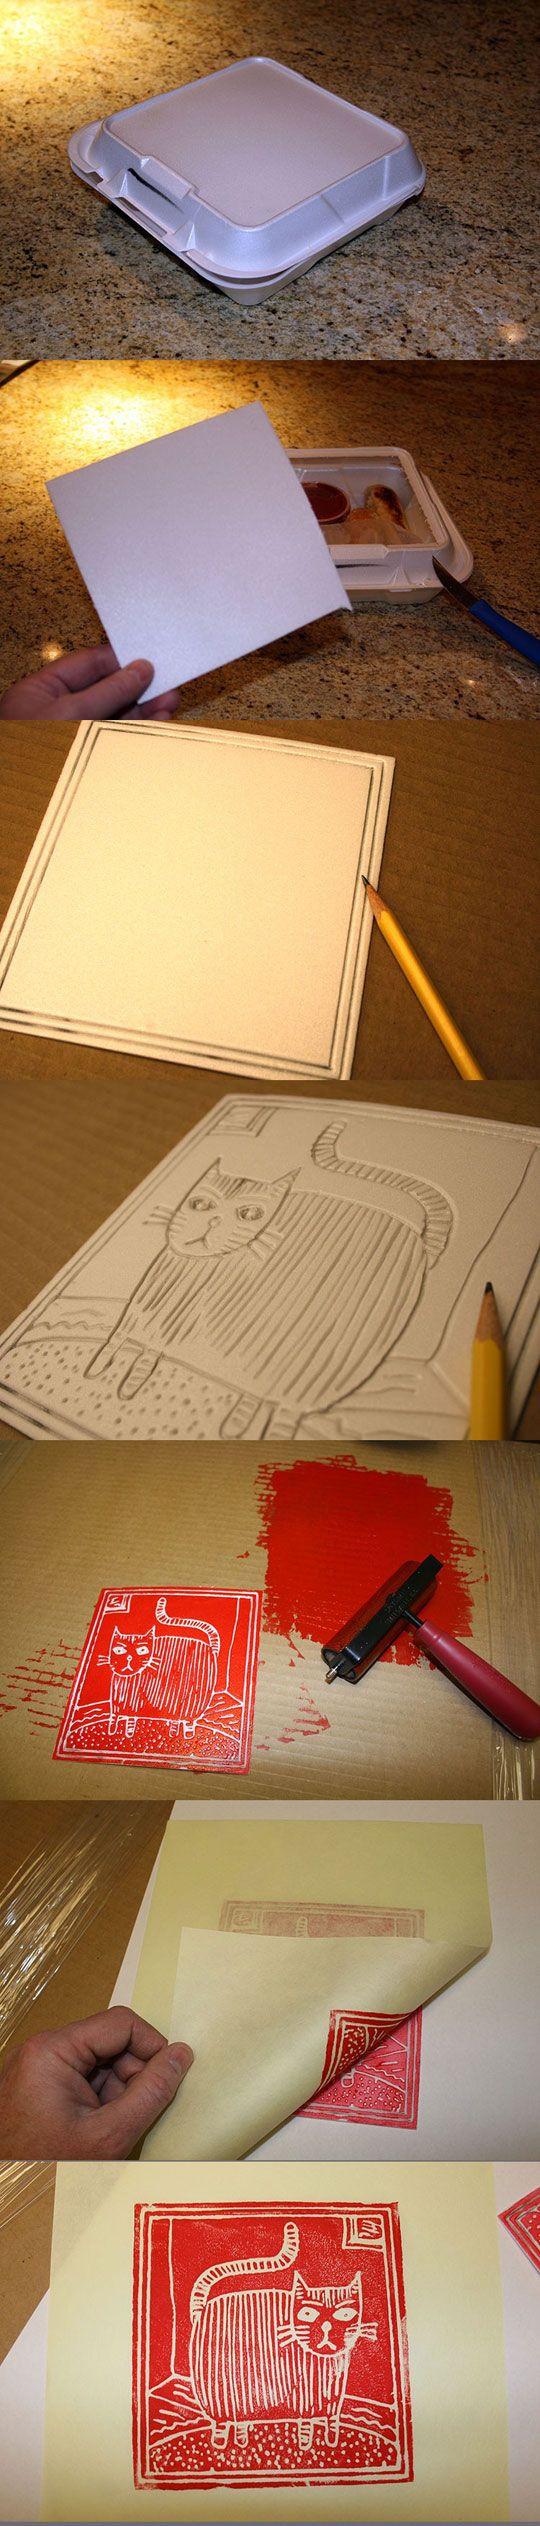 Foam board stamping